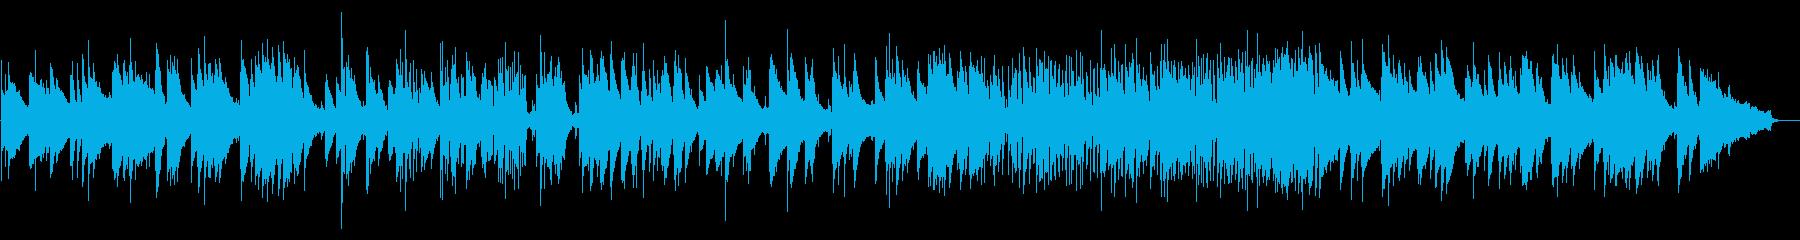 ガーシュウィンのジャズワルツの再生済みの波形